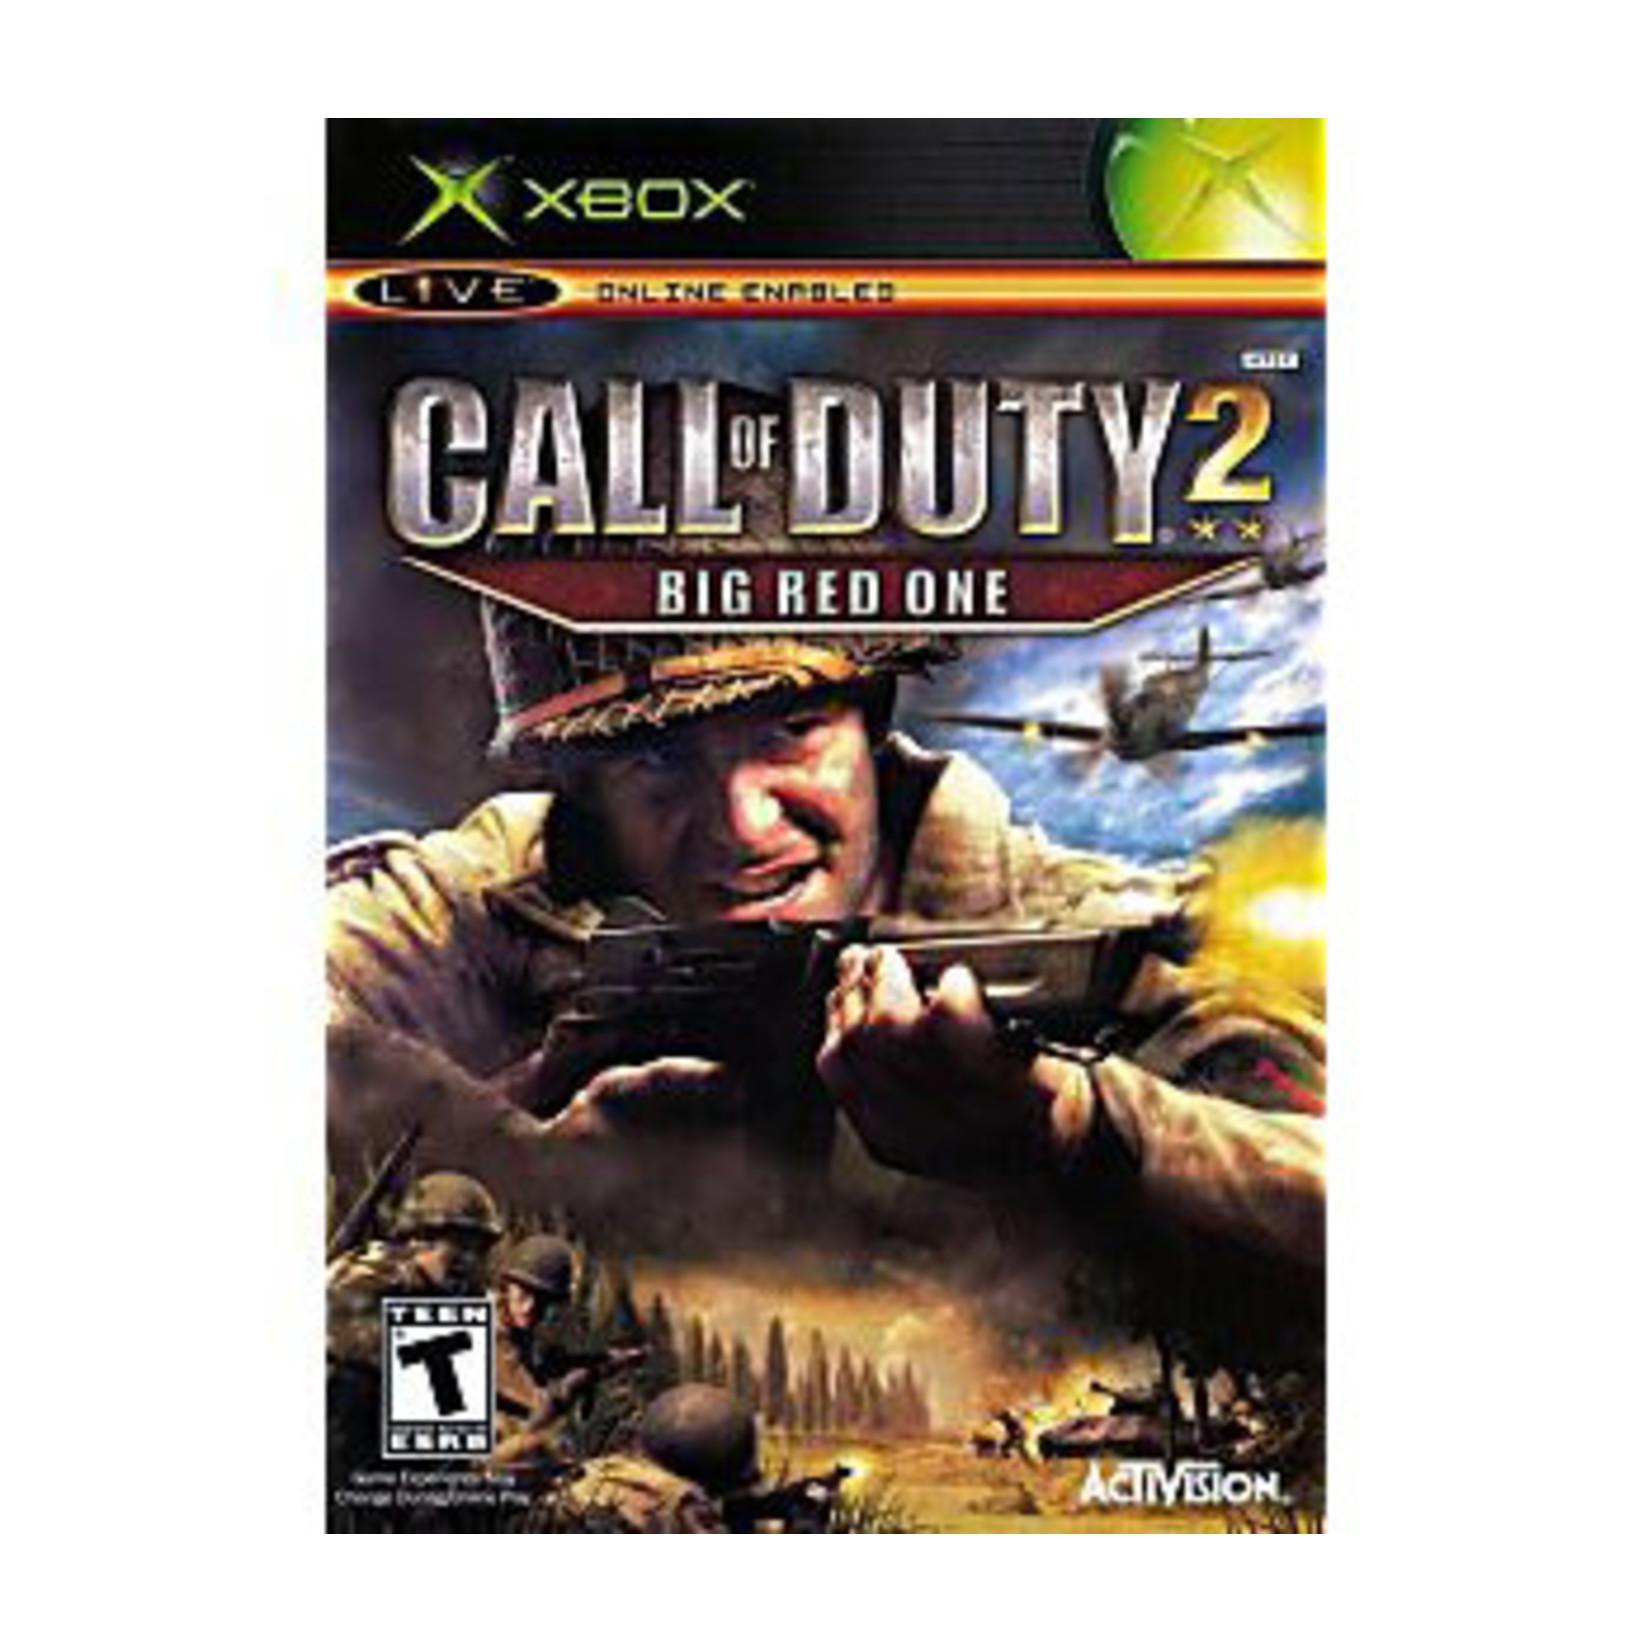 xbu-Call of Duty 2 Big Red One